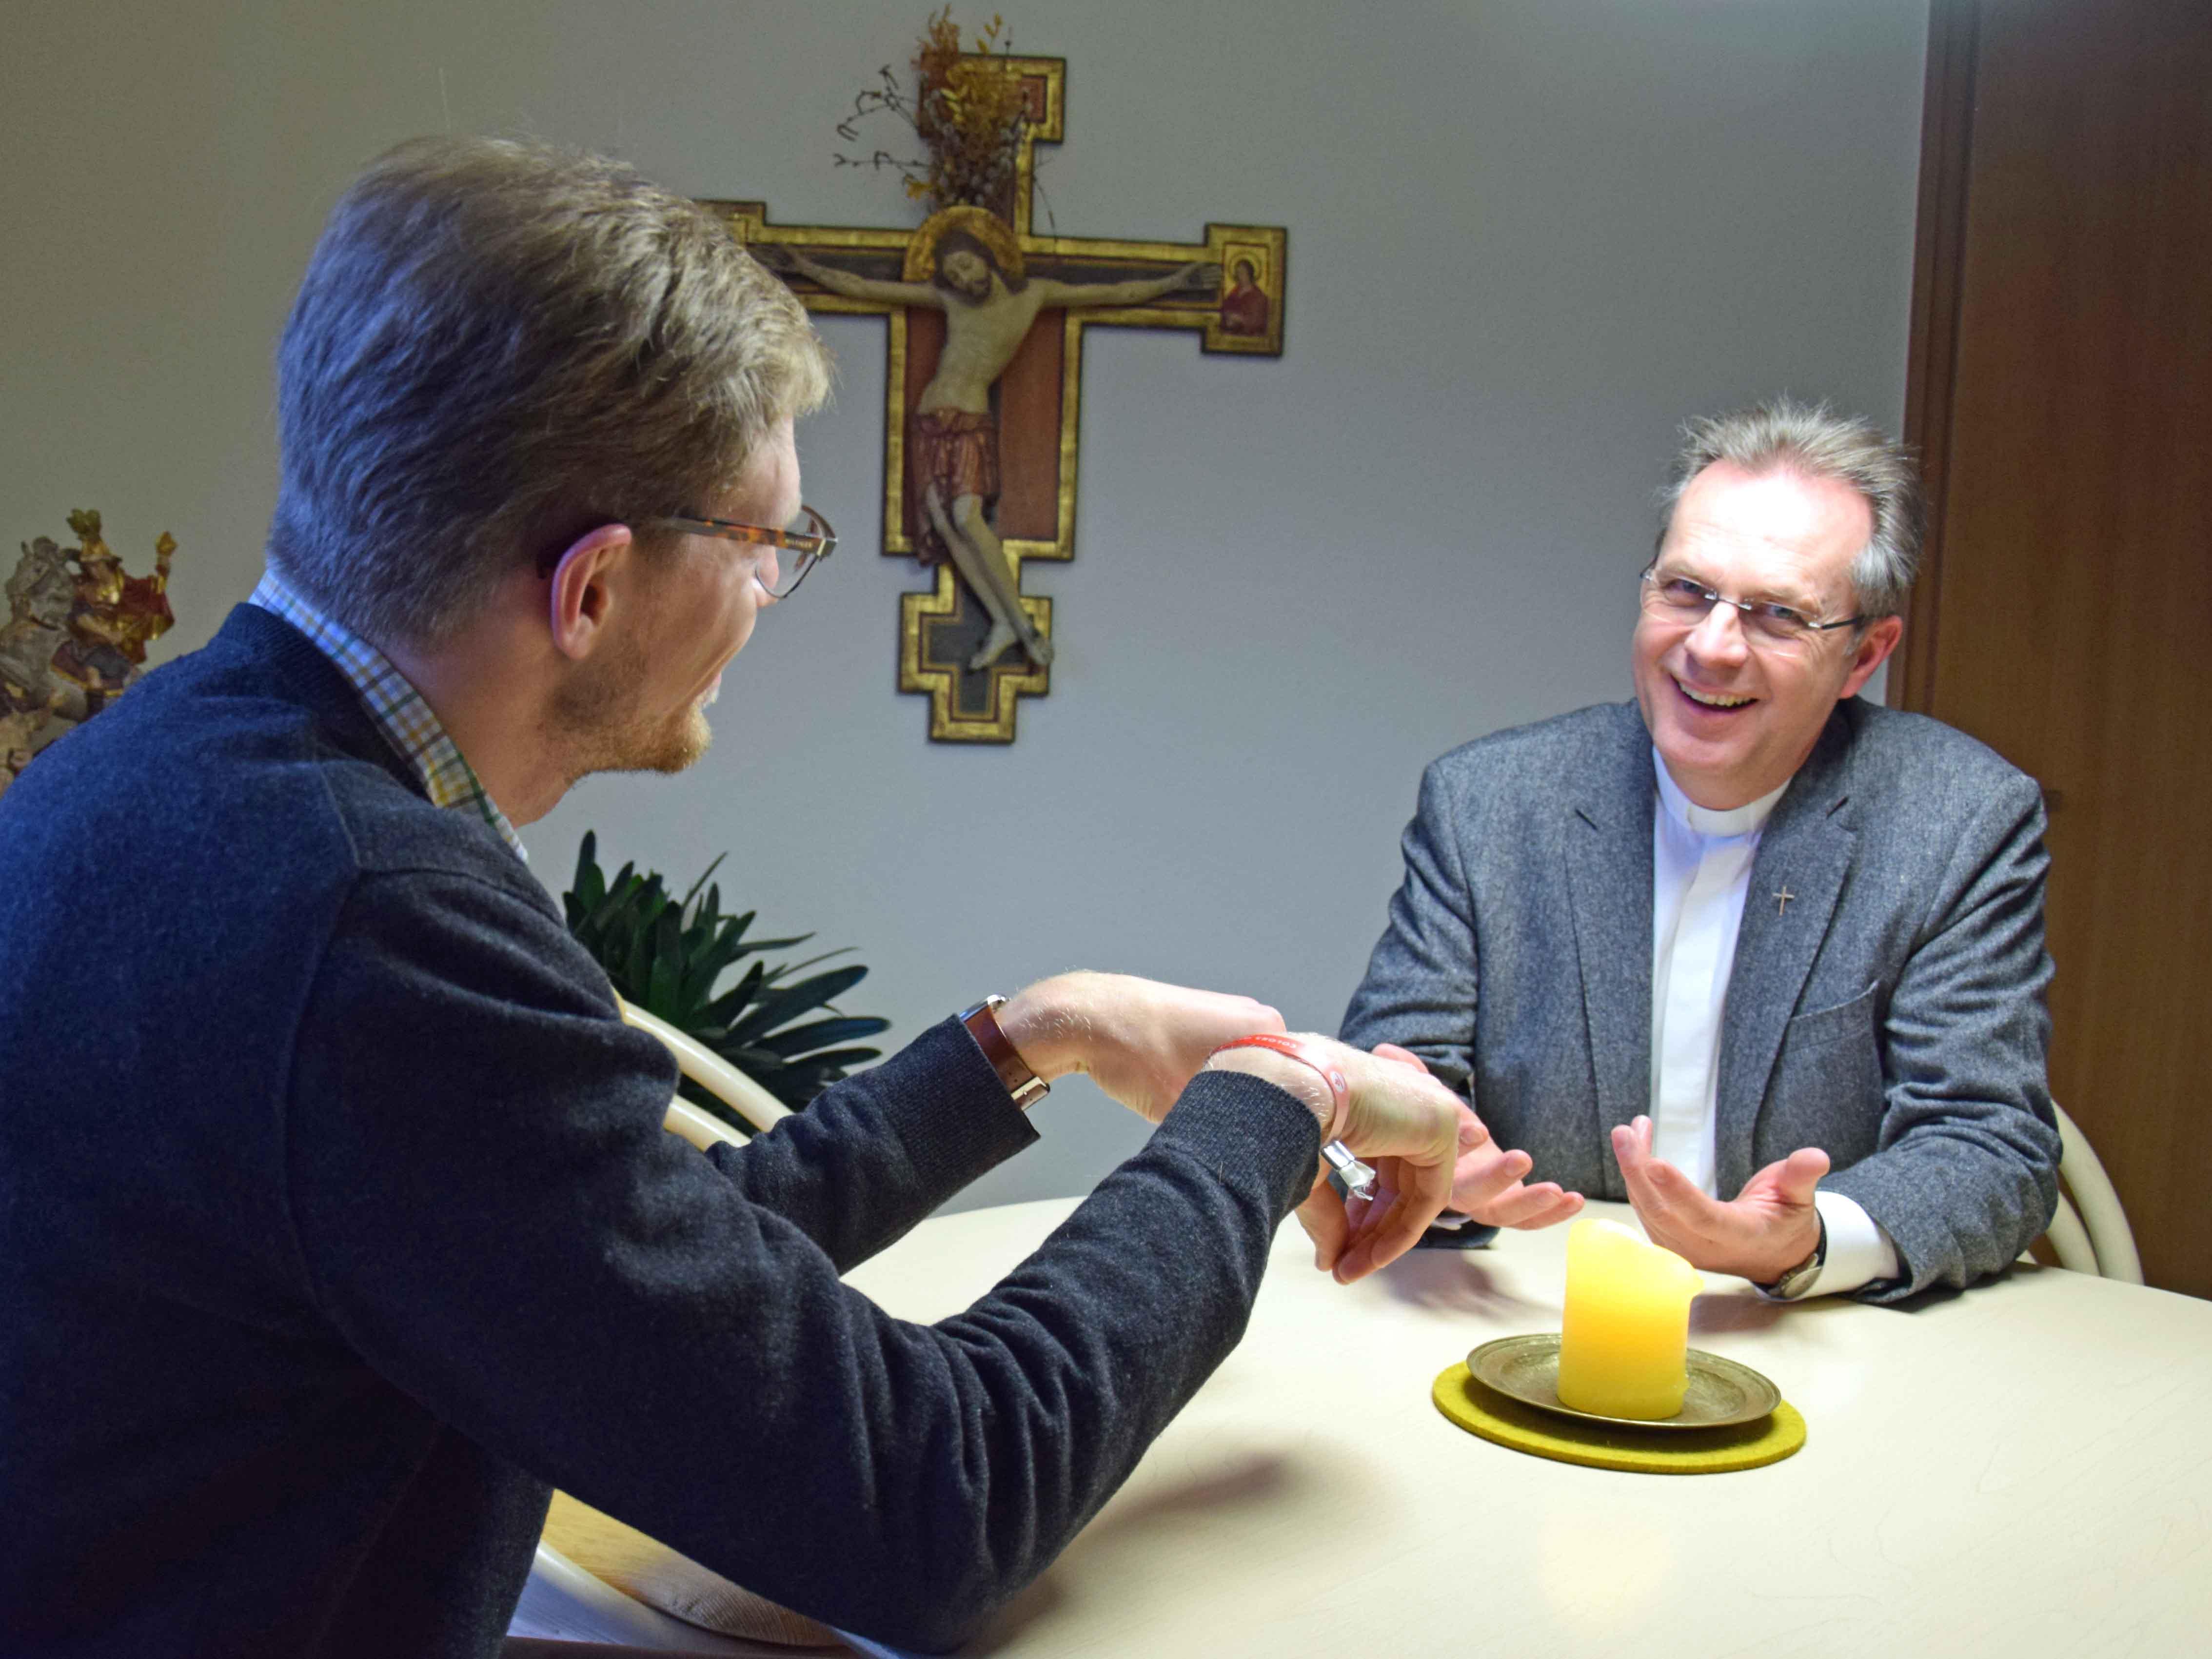 Priesterseelsorger Pfarrer Rupert Ebbers (rechts) führt ein Gespräch mit einem Mitbruder. (Foto: Sabine Verspohl-Nitsche / pdke)